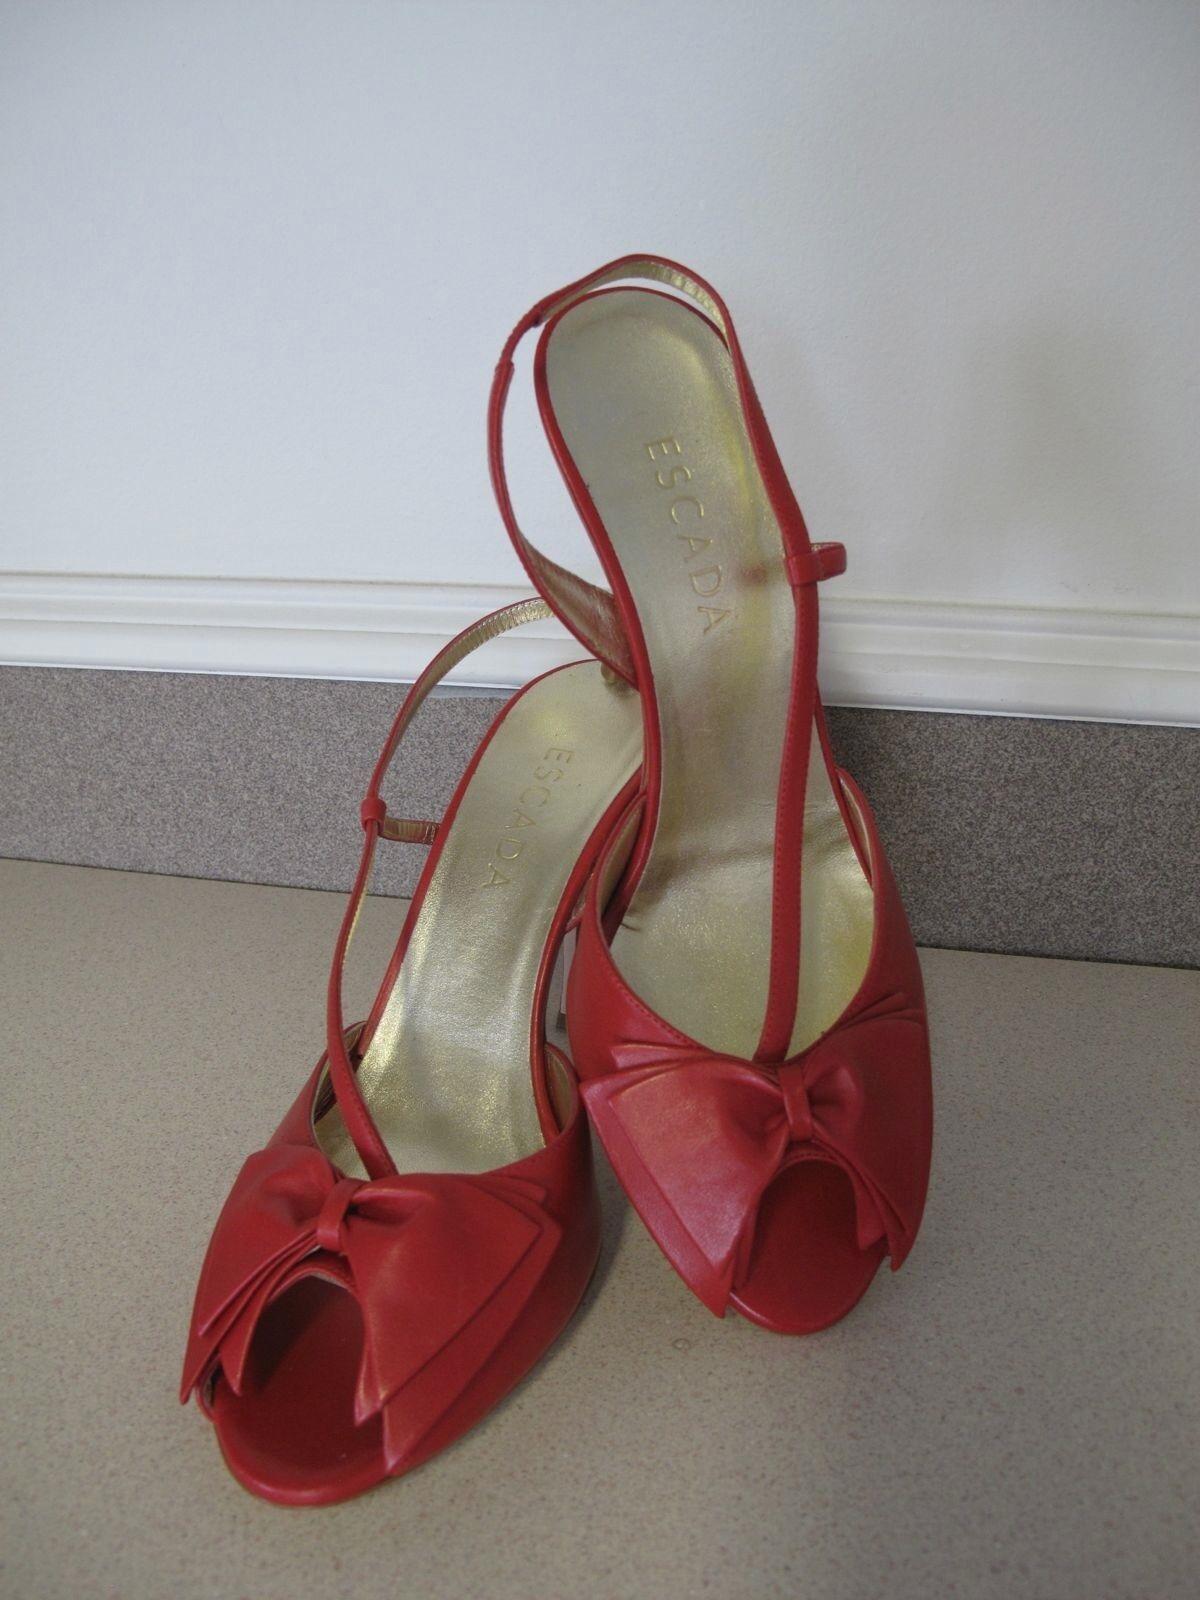 Para Mujer Zapatos Escada Coral Rojo Arco Sandalia Talle Talle Talle 40 de la UE 8.5 O 9 nos hecho Italia Nuevo  bajo precio